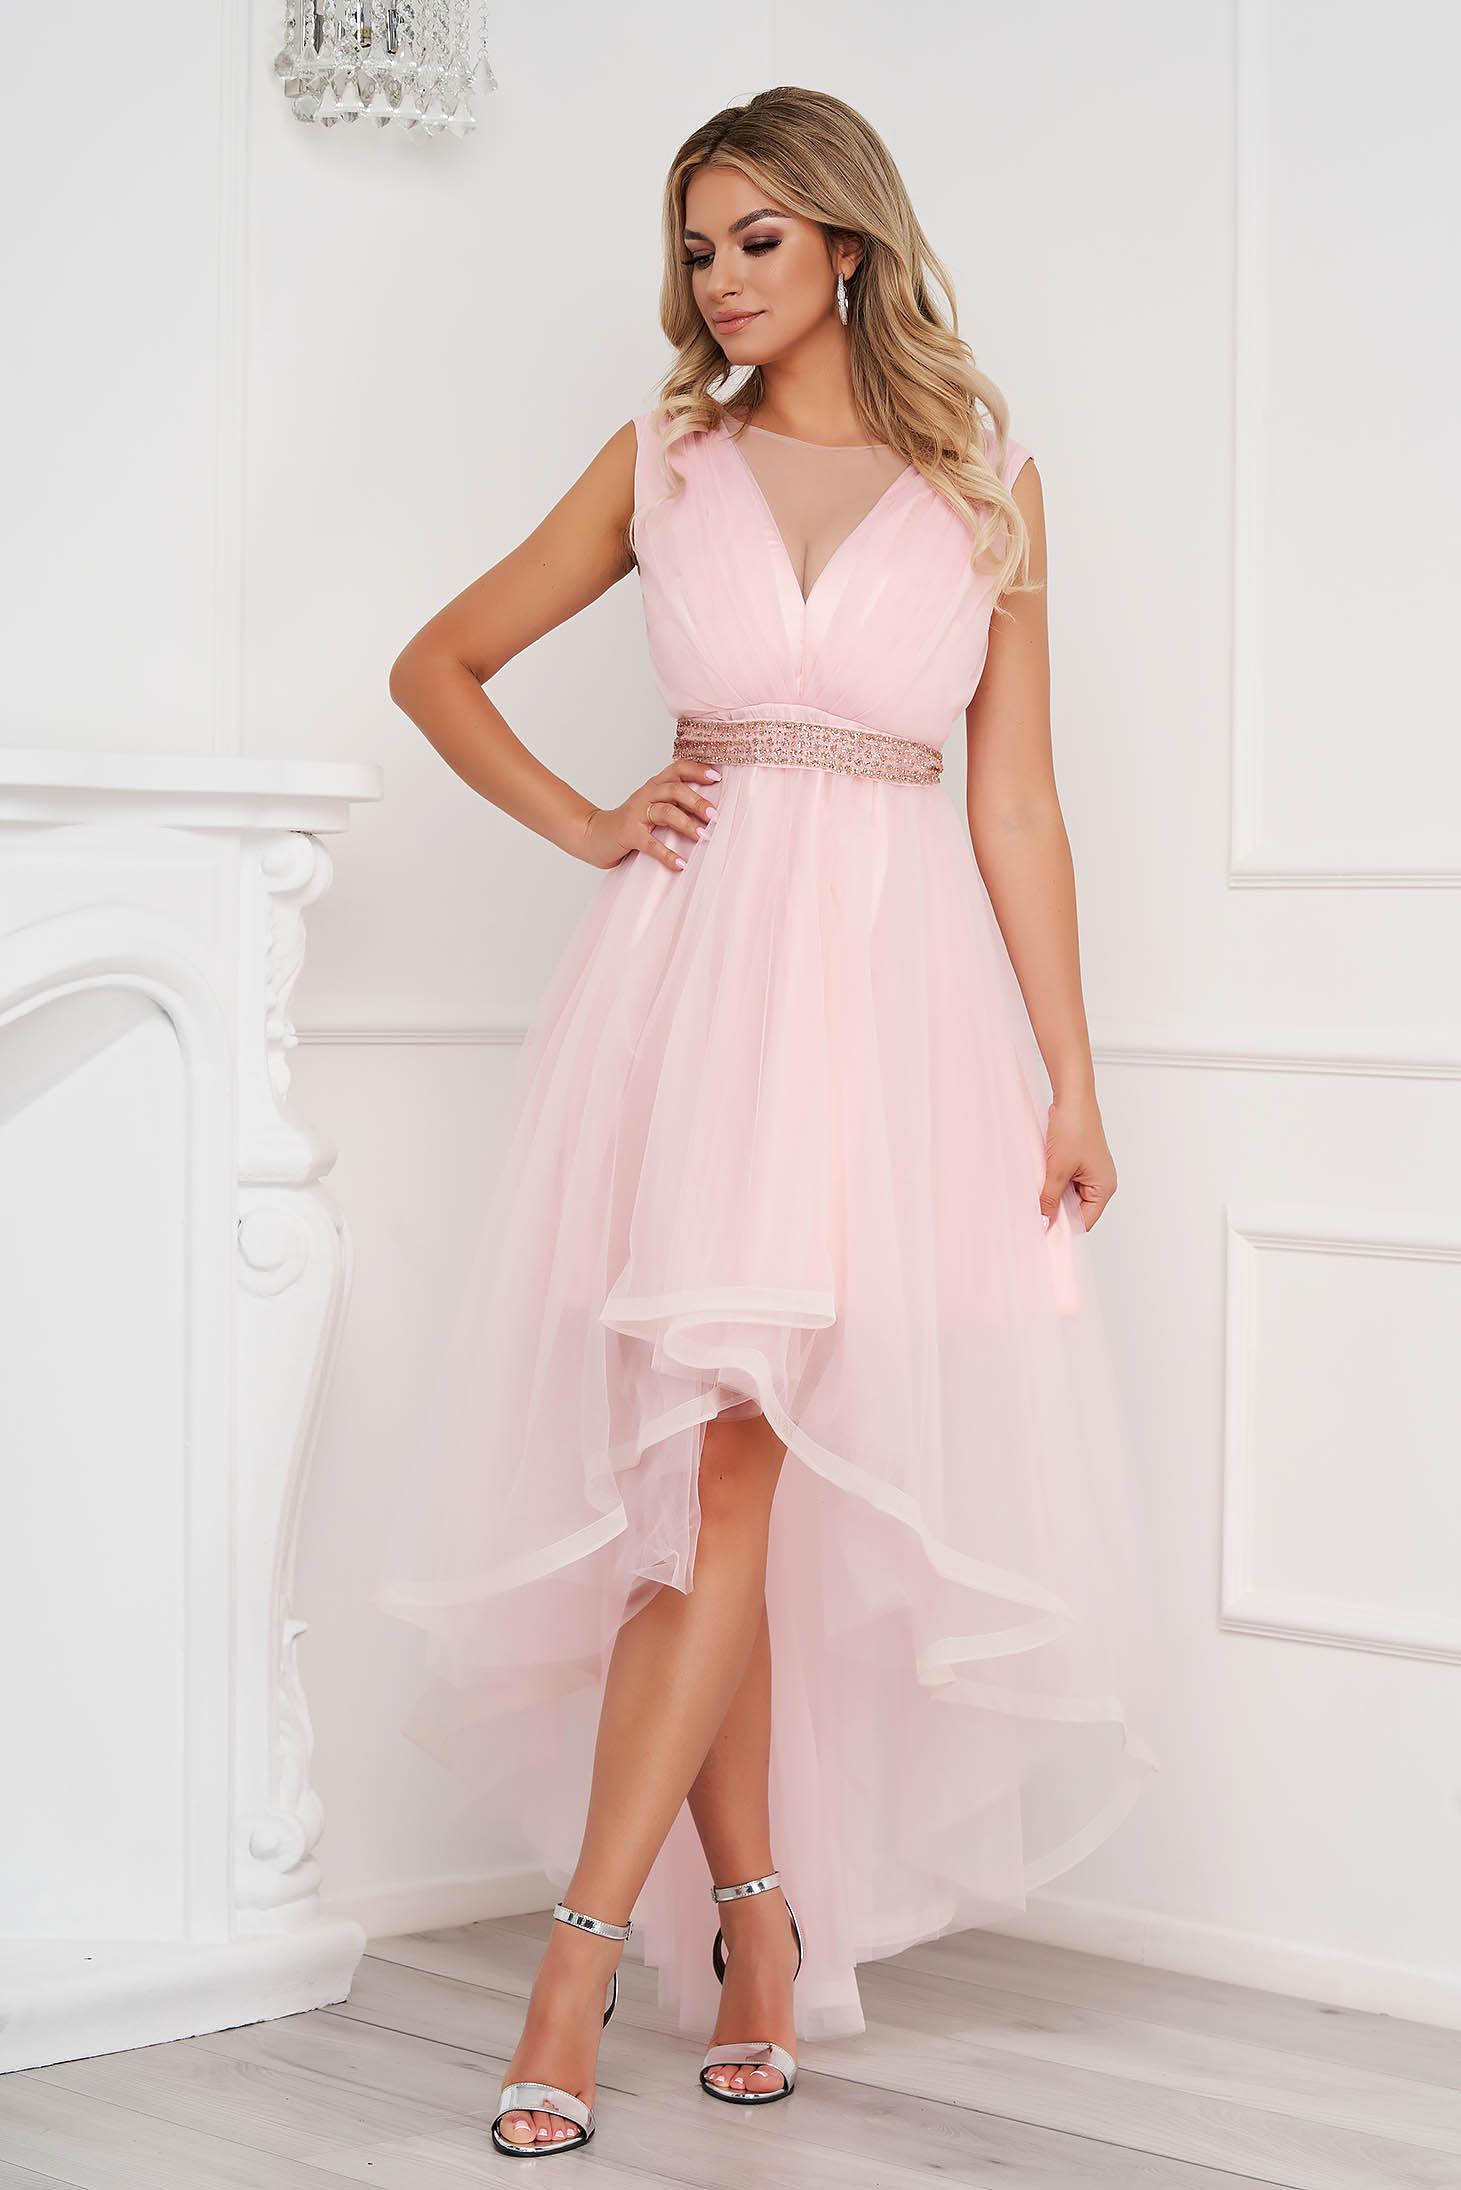 Világos rózsaszínű aszimetrikus alkalmi harang ruha tüllből eltávolítható övvel